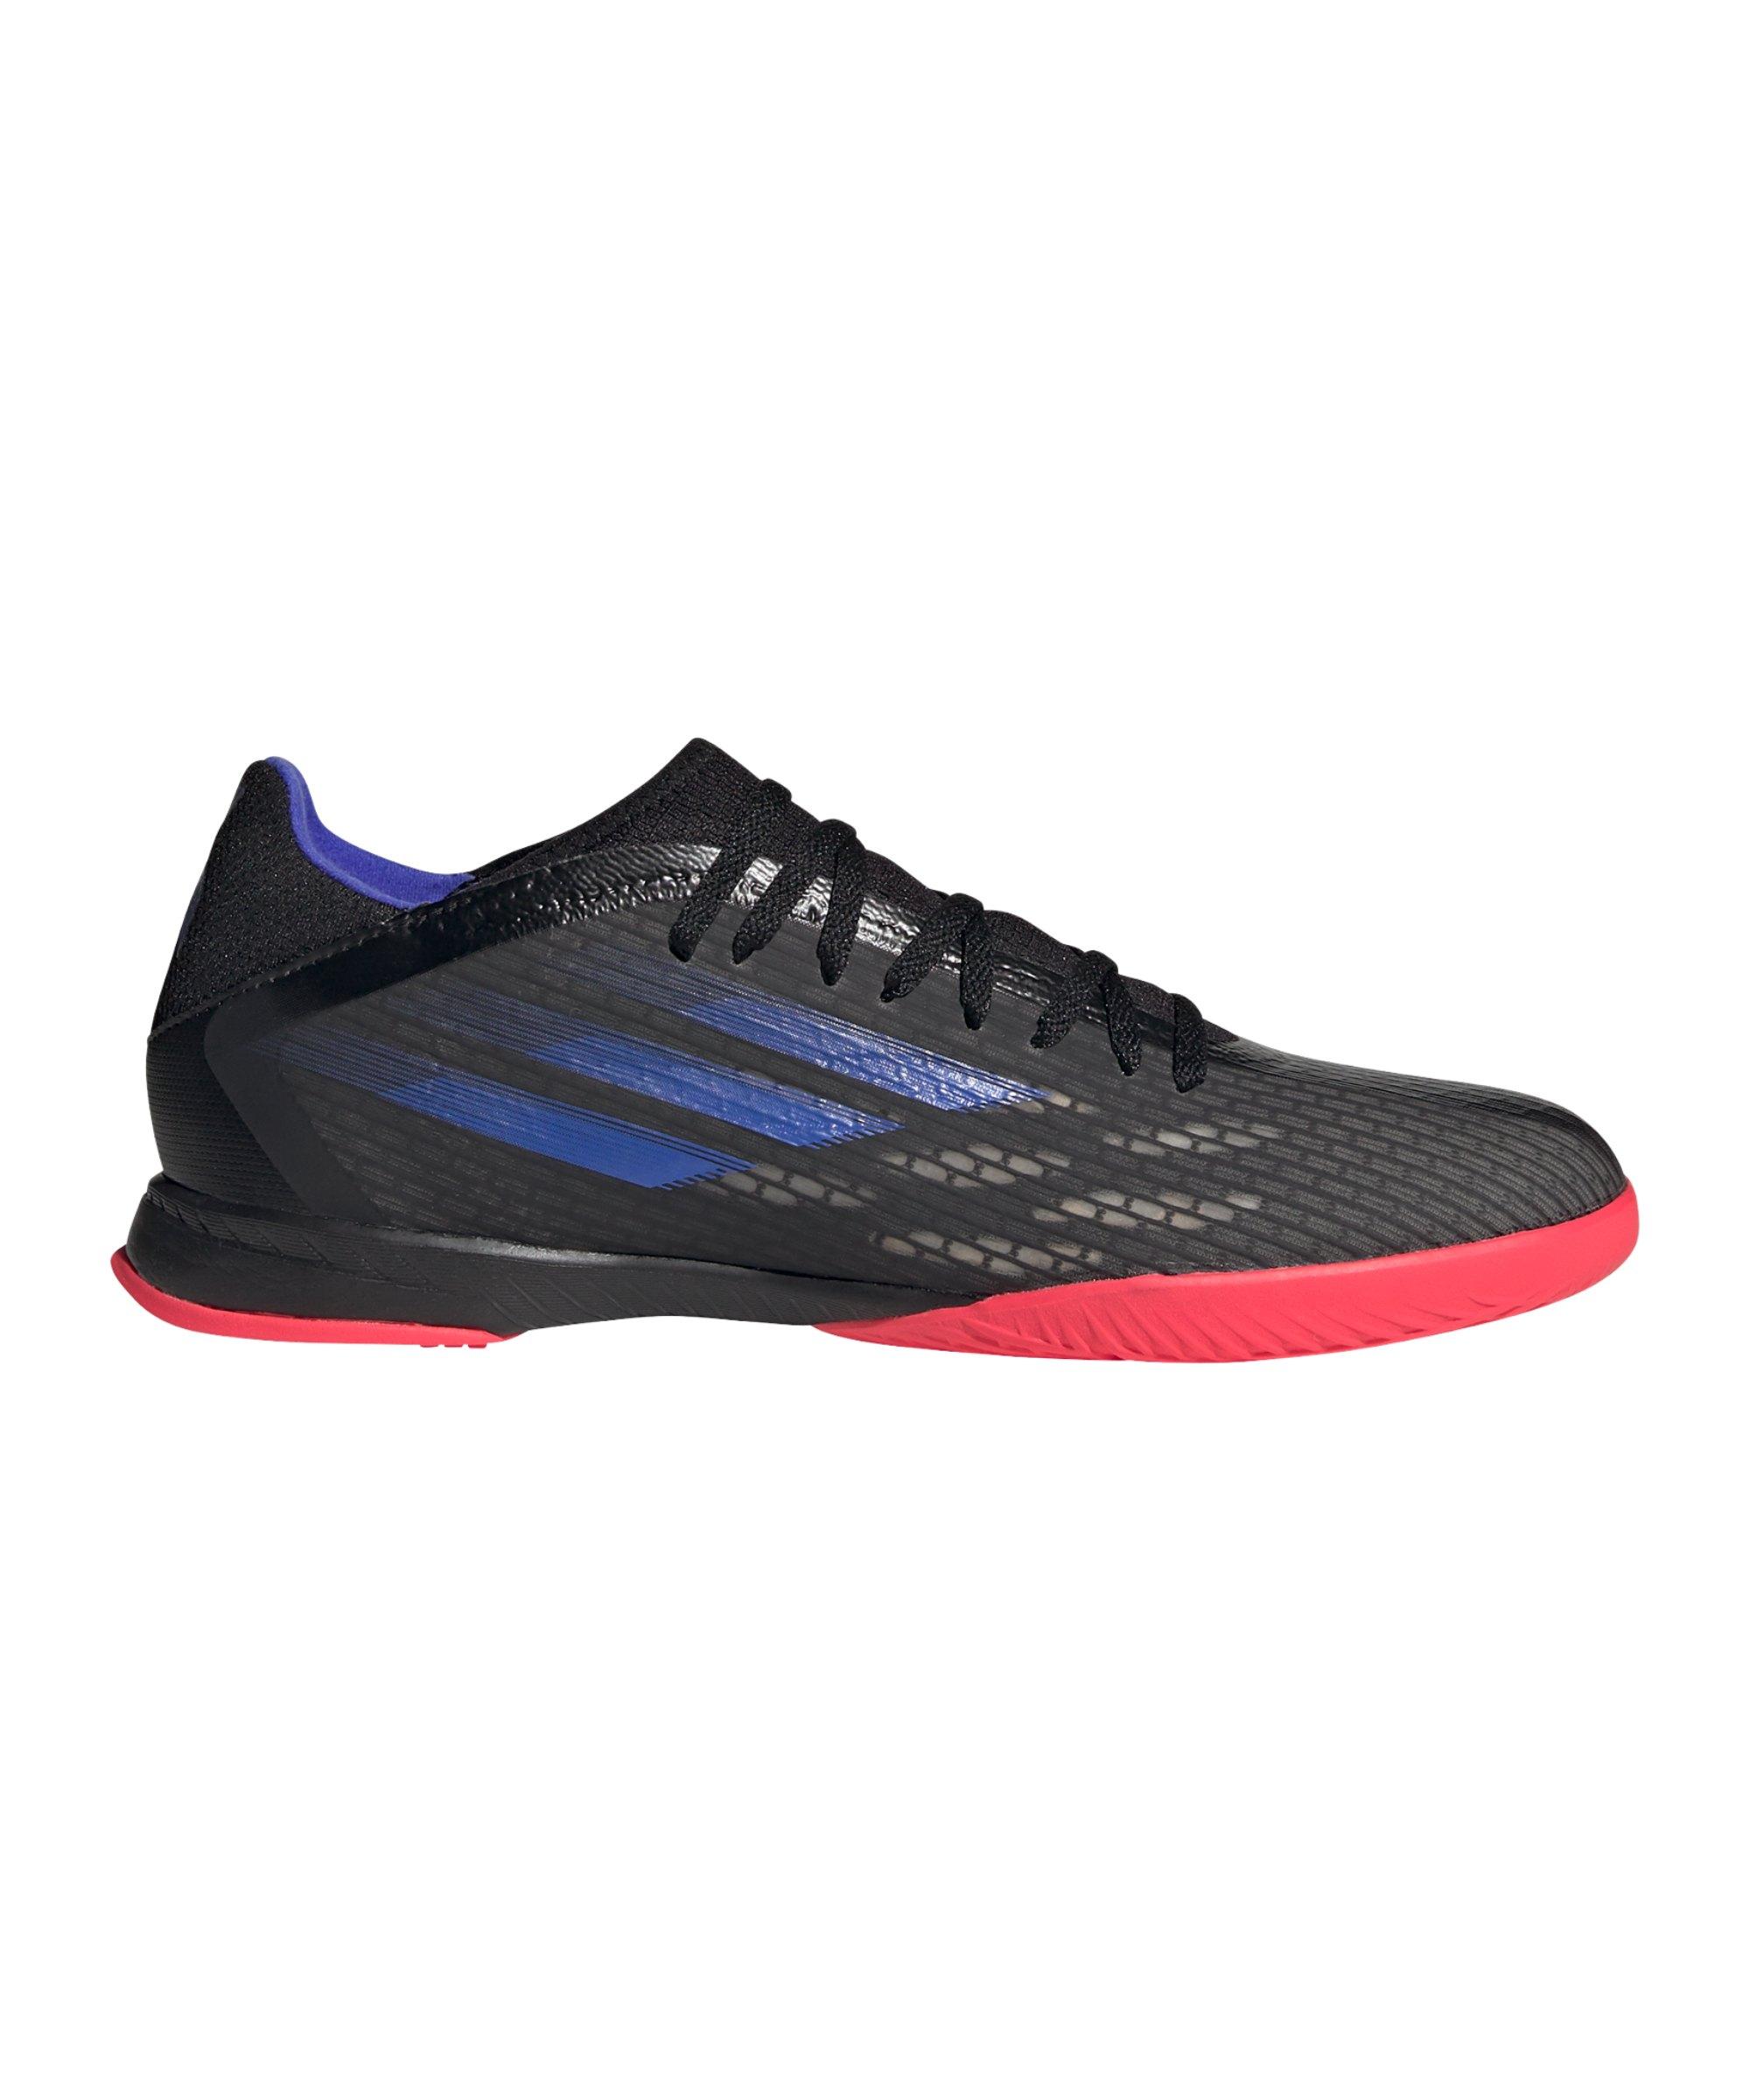 adidas X SPEEDFLOW.3 IN Halle Escapelight Schwarz Blau - schwarz